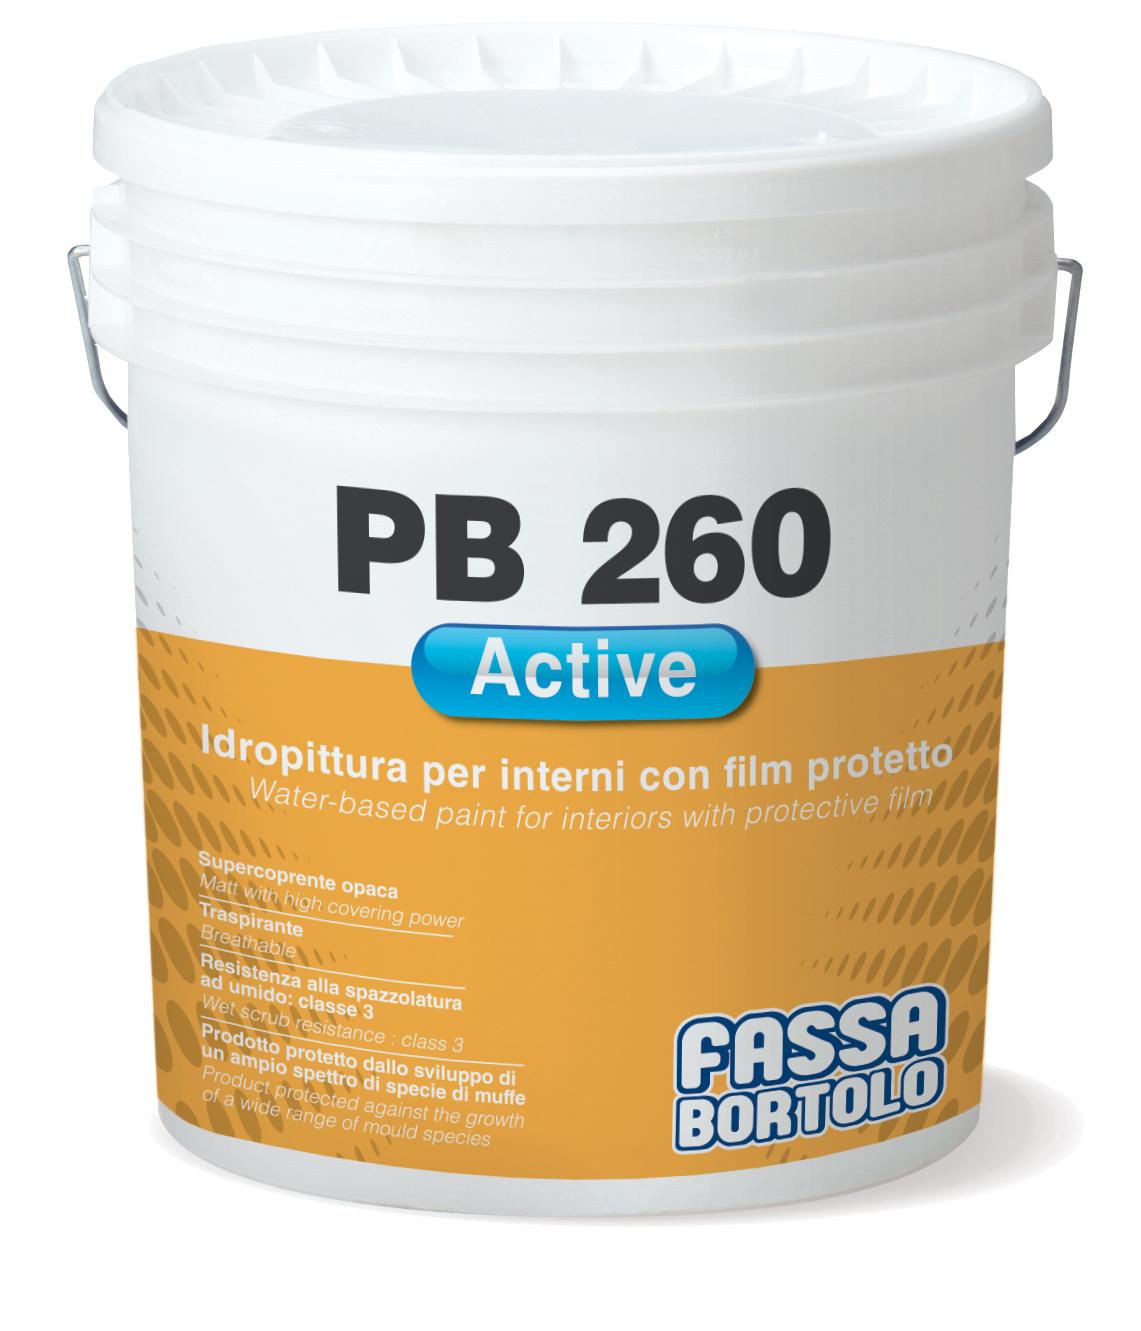 PB 260 ACTIVE: Tinta de água com filme de proteção